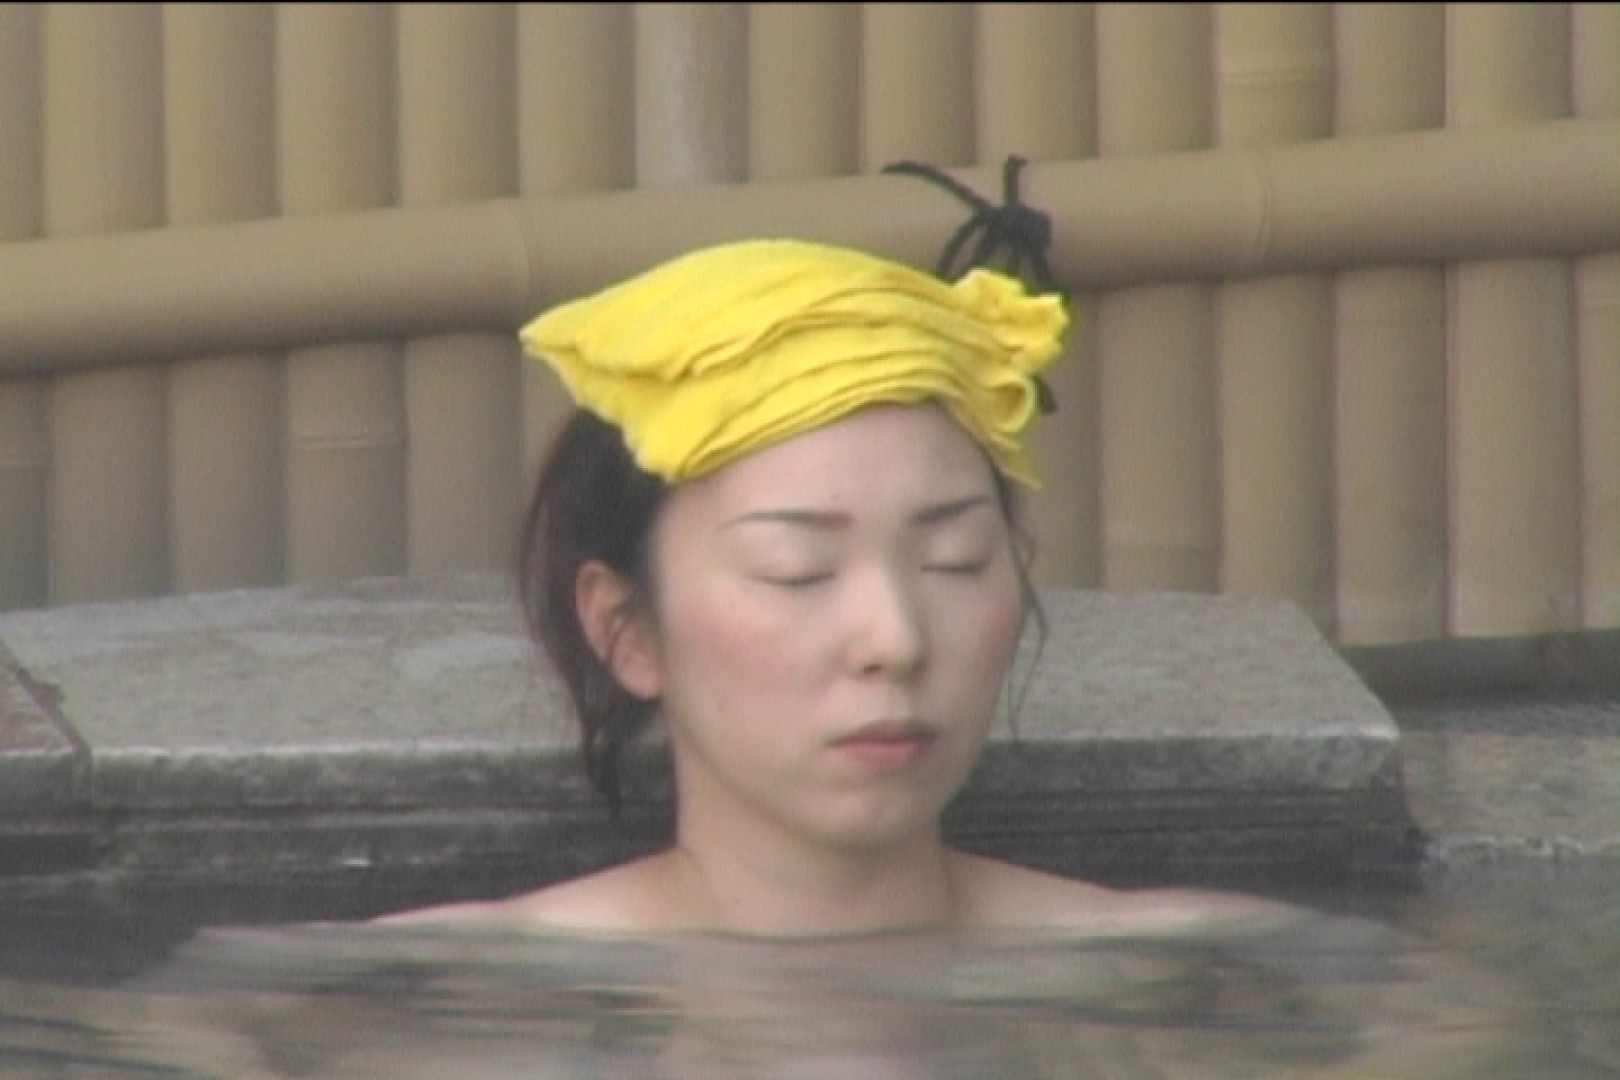 Aquaな露天風呂Vol.529 盗撮師作品 おめこ無修正画像 104pic 44